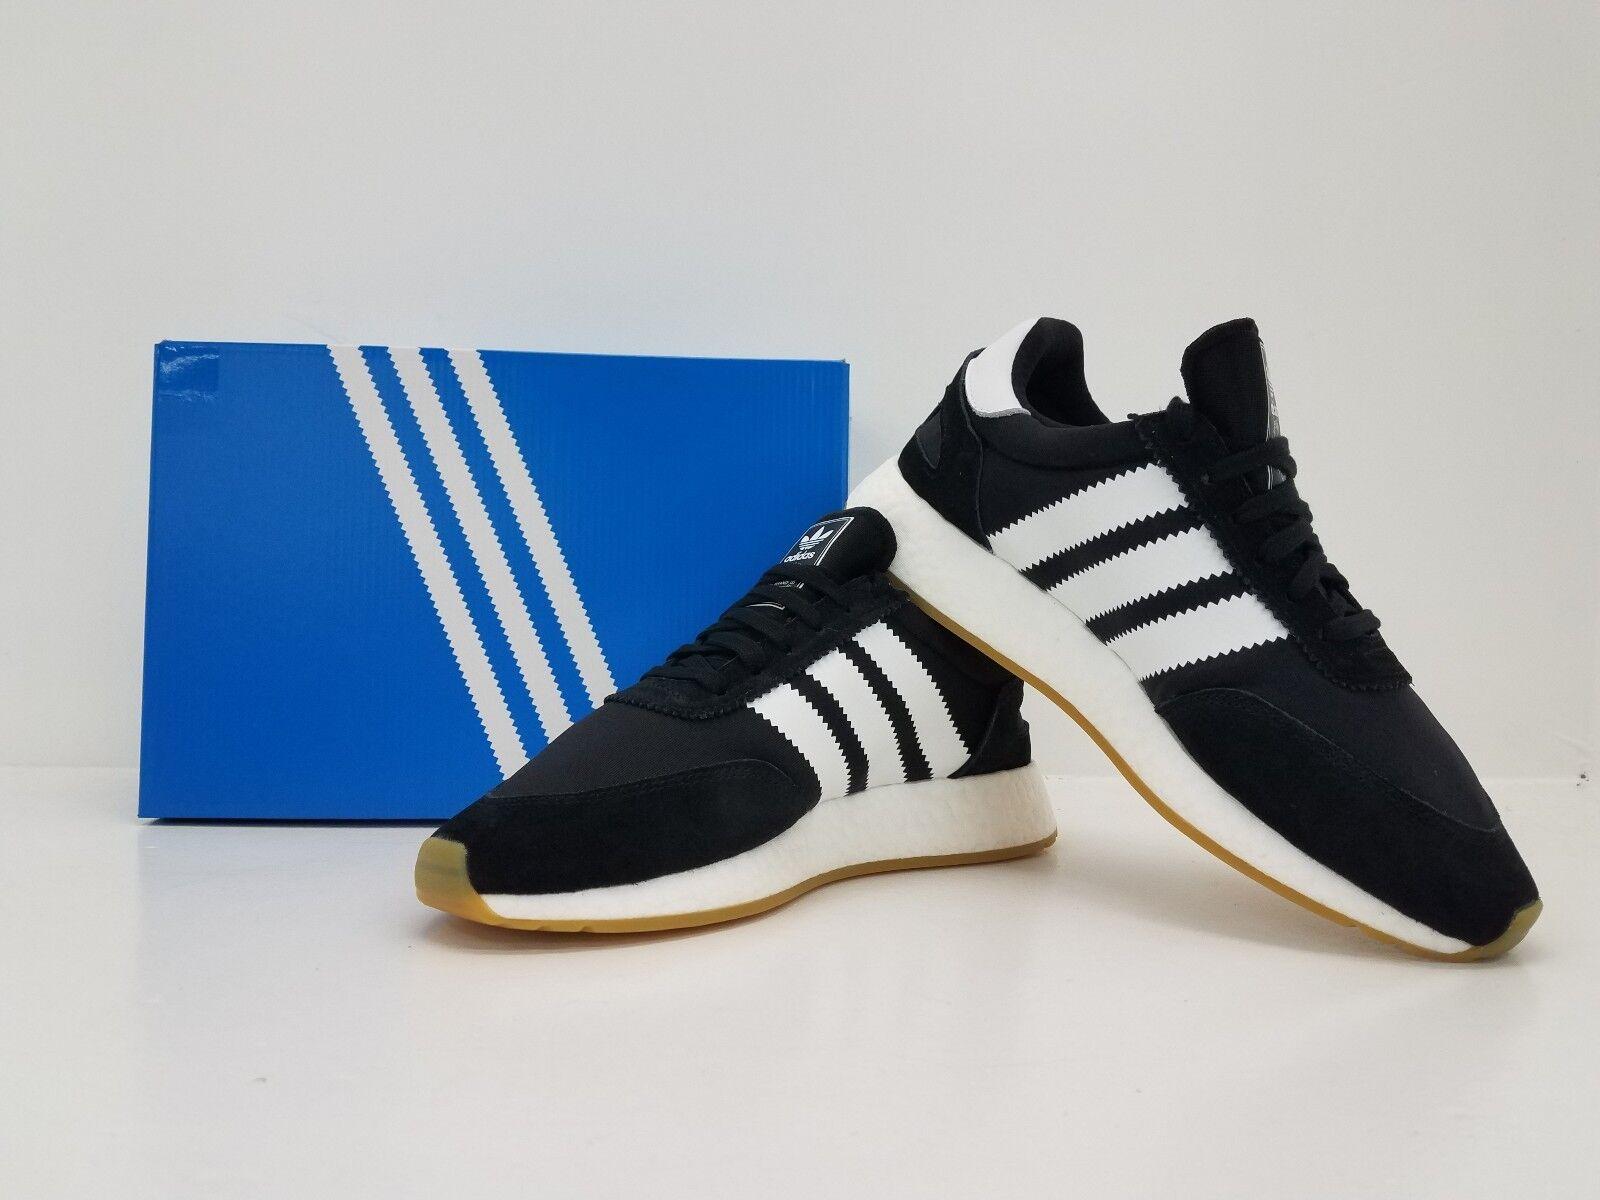 Adidas originals mens i-5923 iniki schwarz / weiß / new kaugummi d97344 - brand new / in box ccbc7e